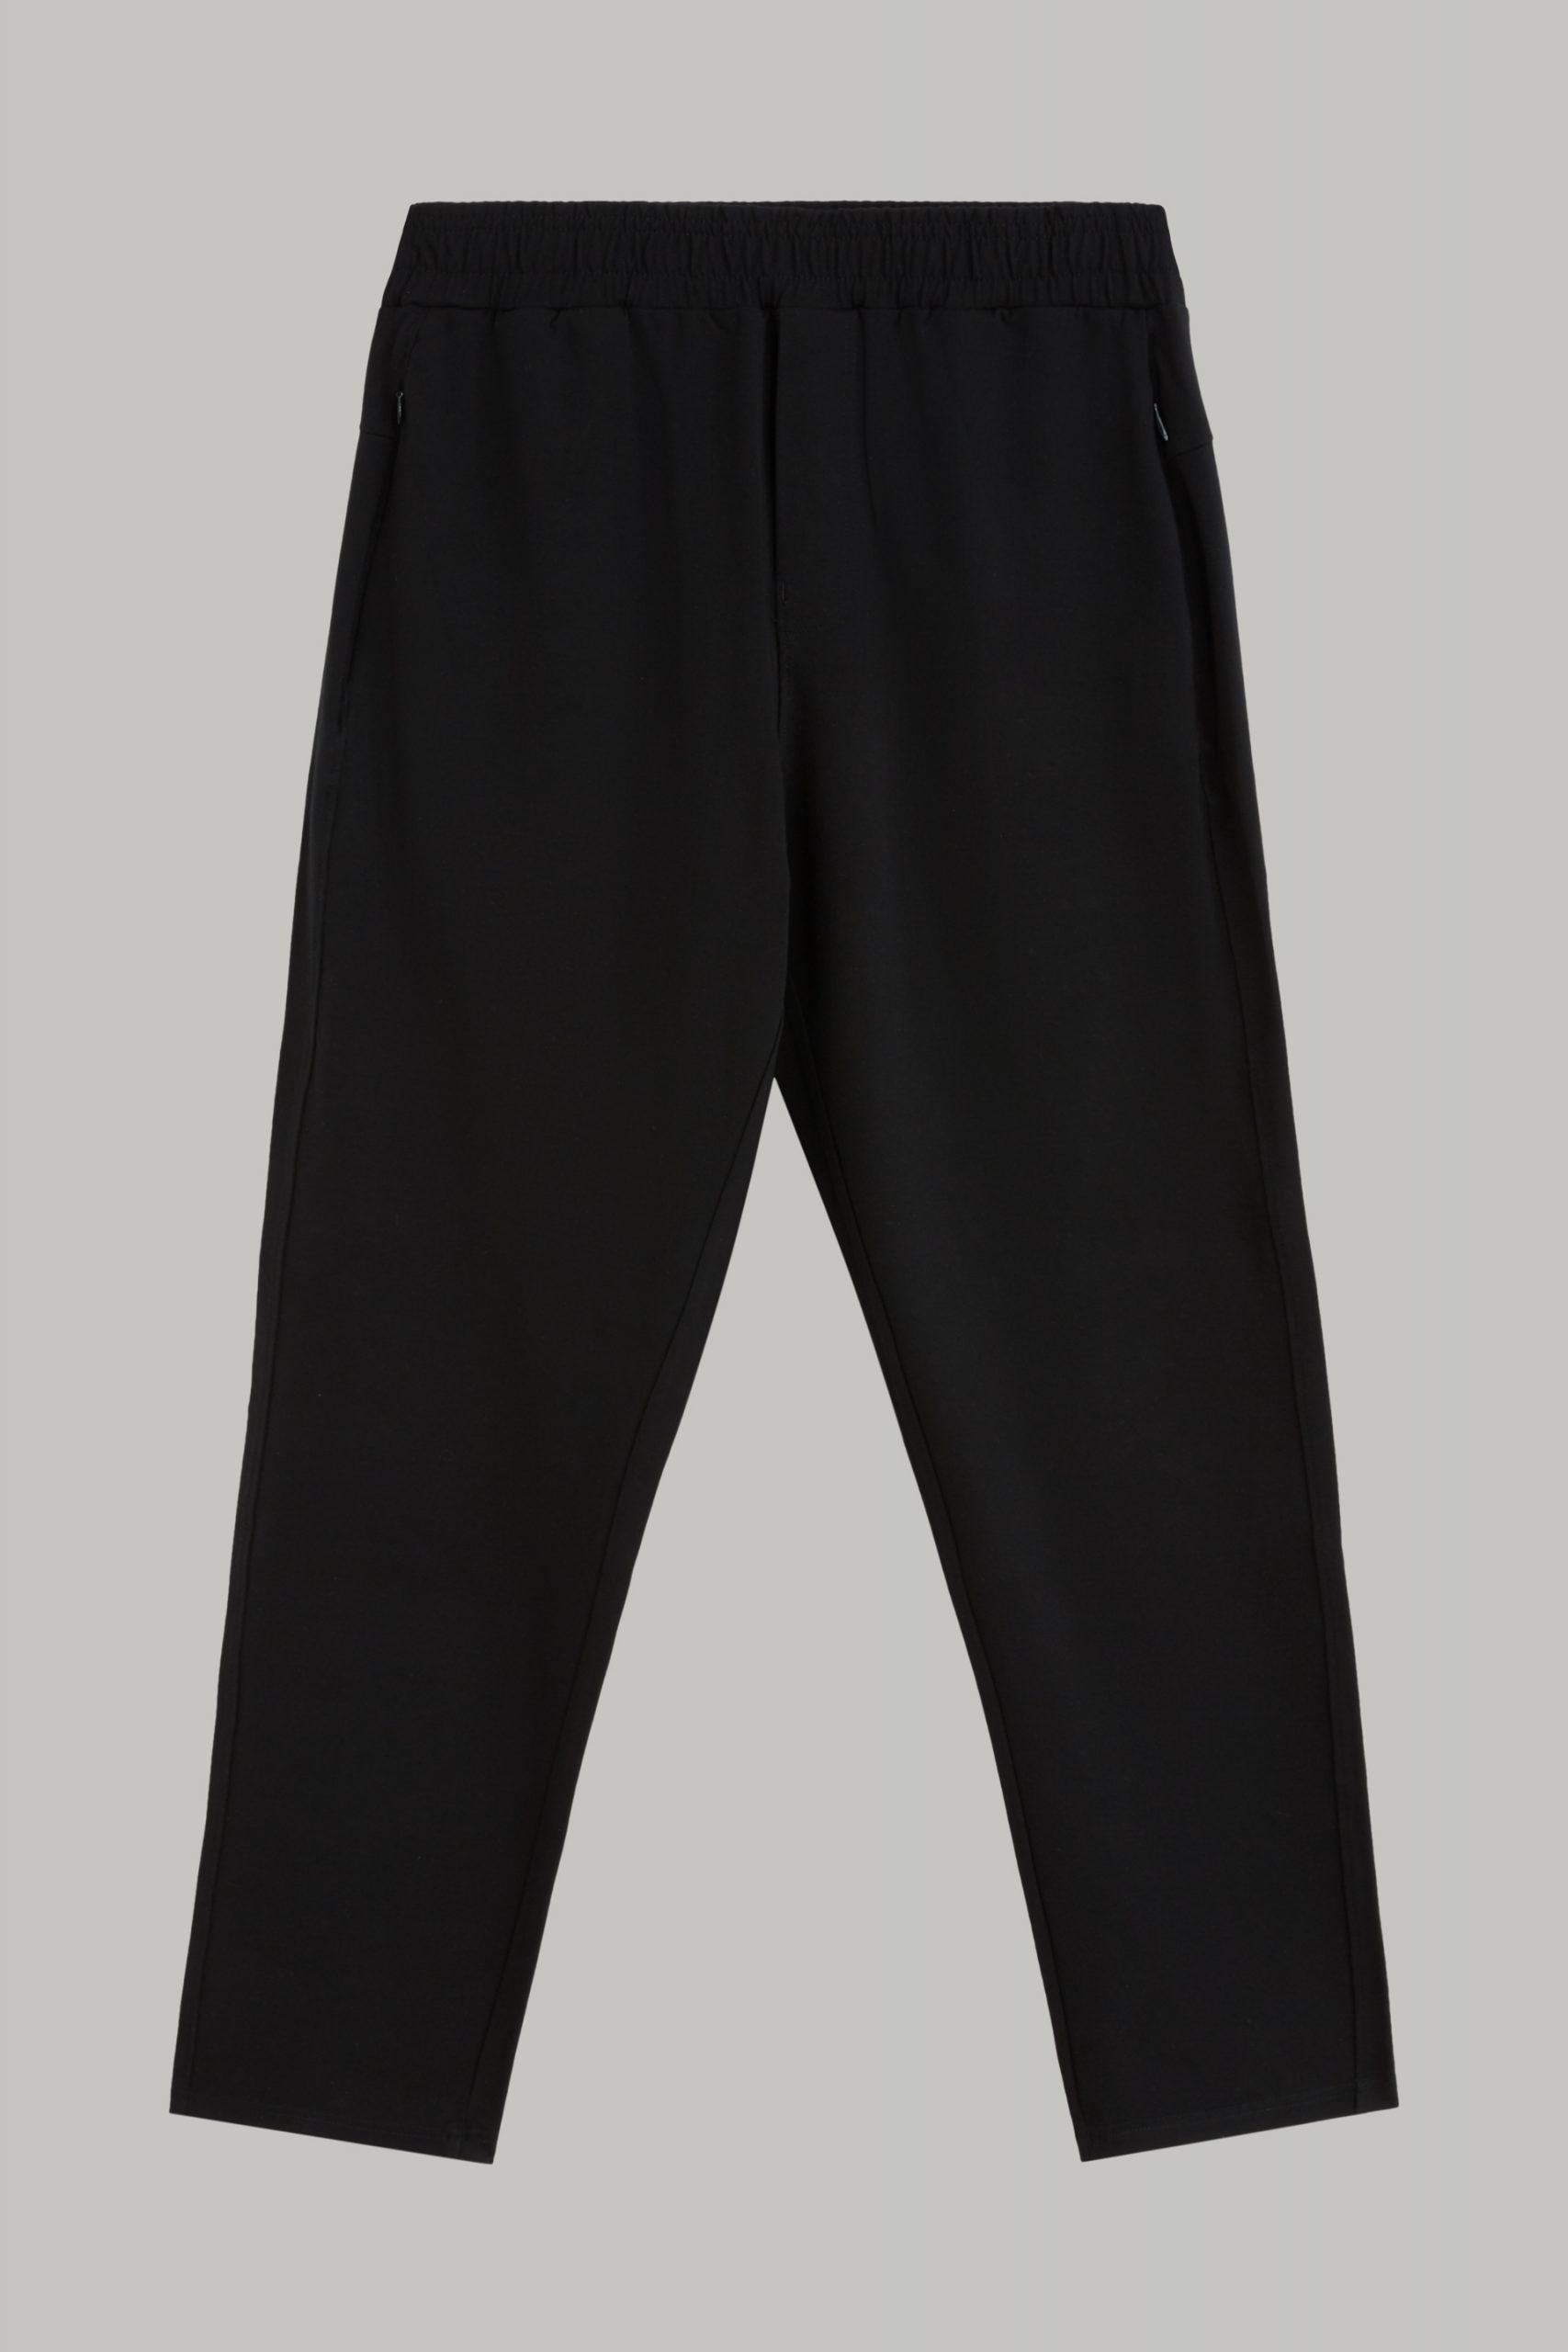 Pantaloni da uomo in colore Nero in materiale